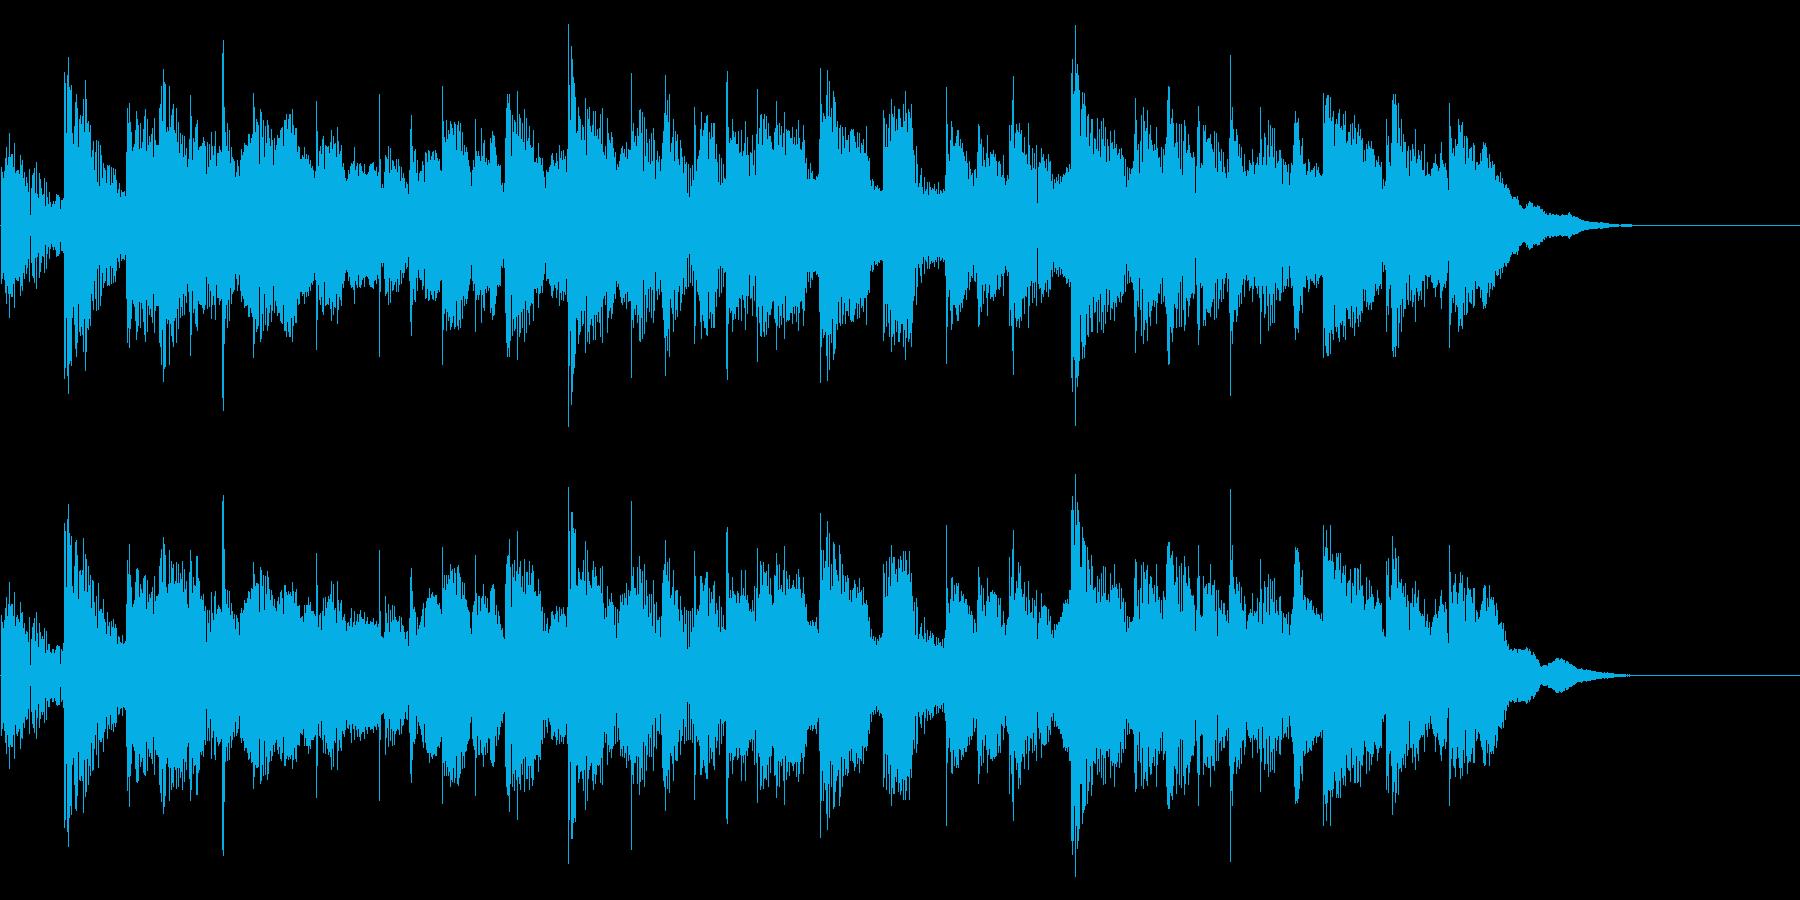 生演奏のギターを使ったポップなジングルの再生済みの波形